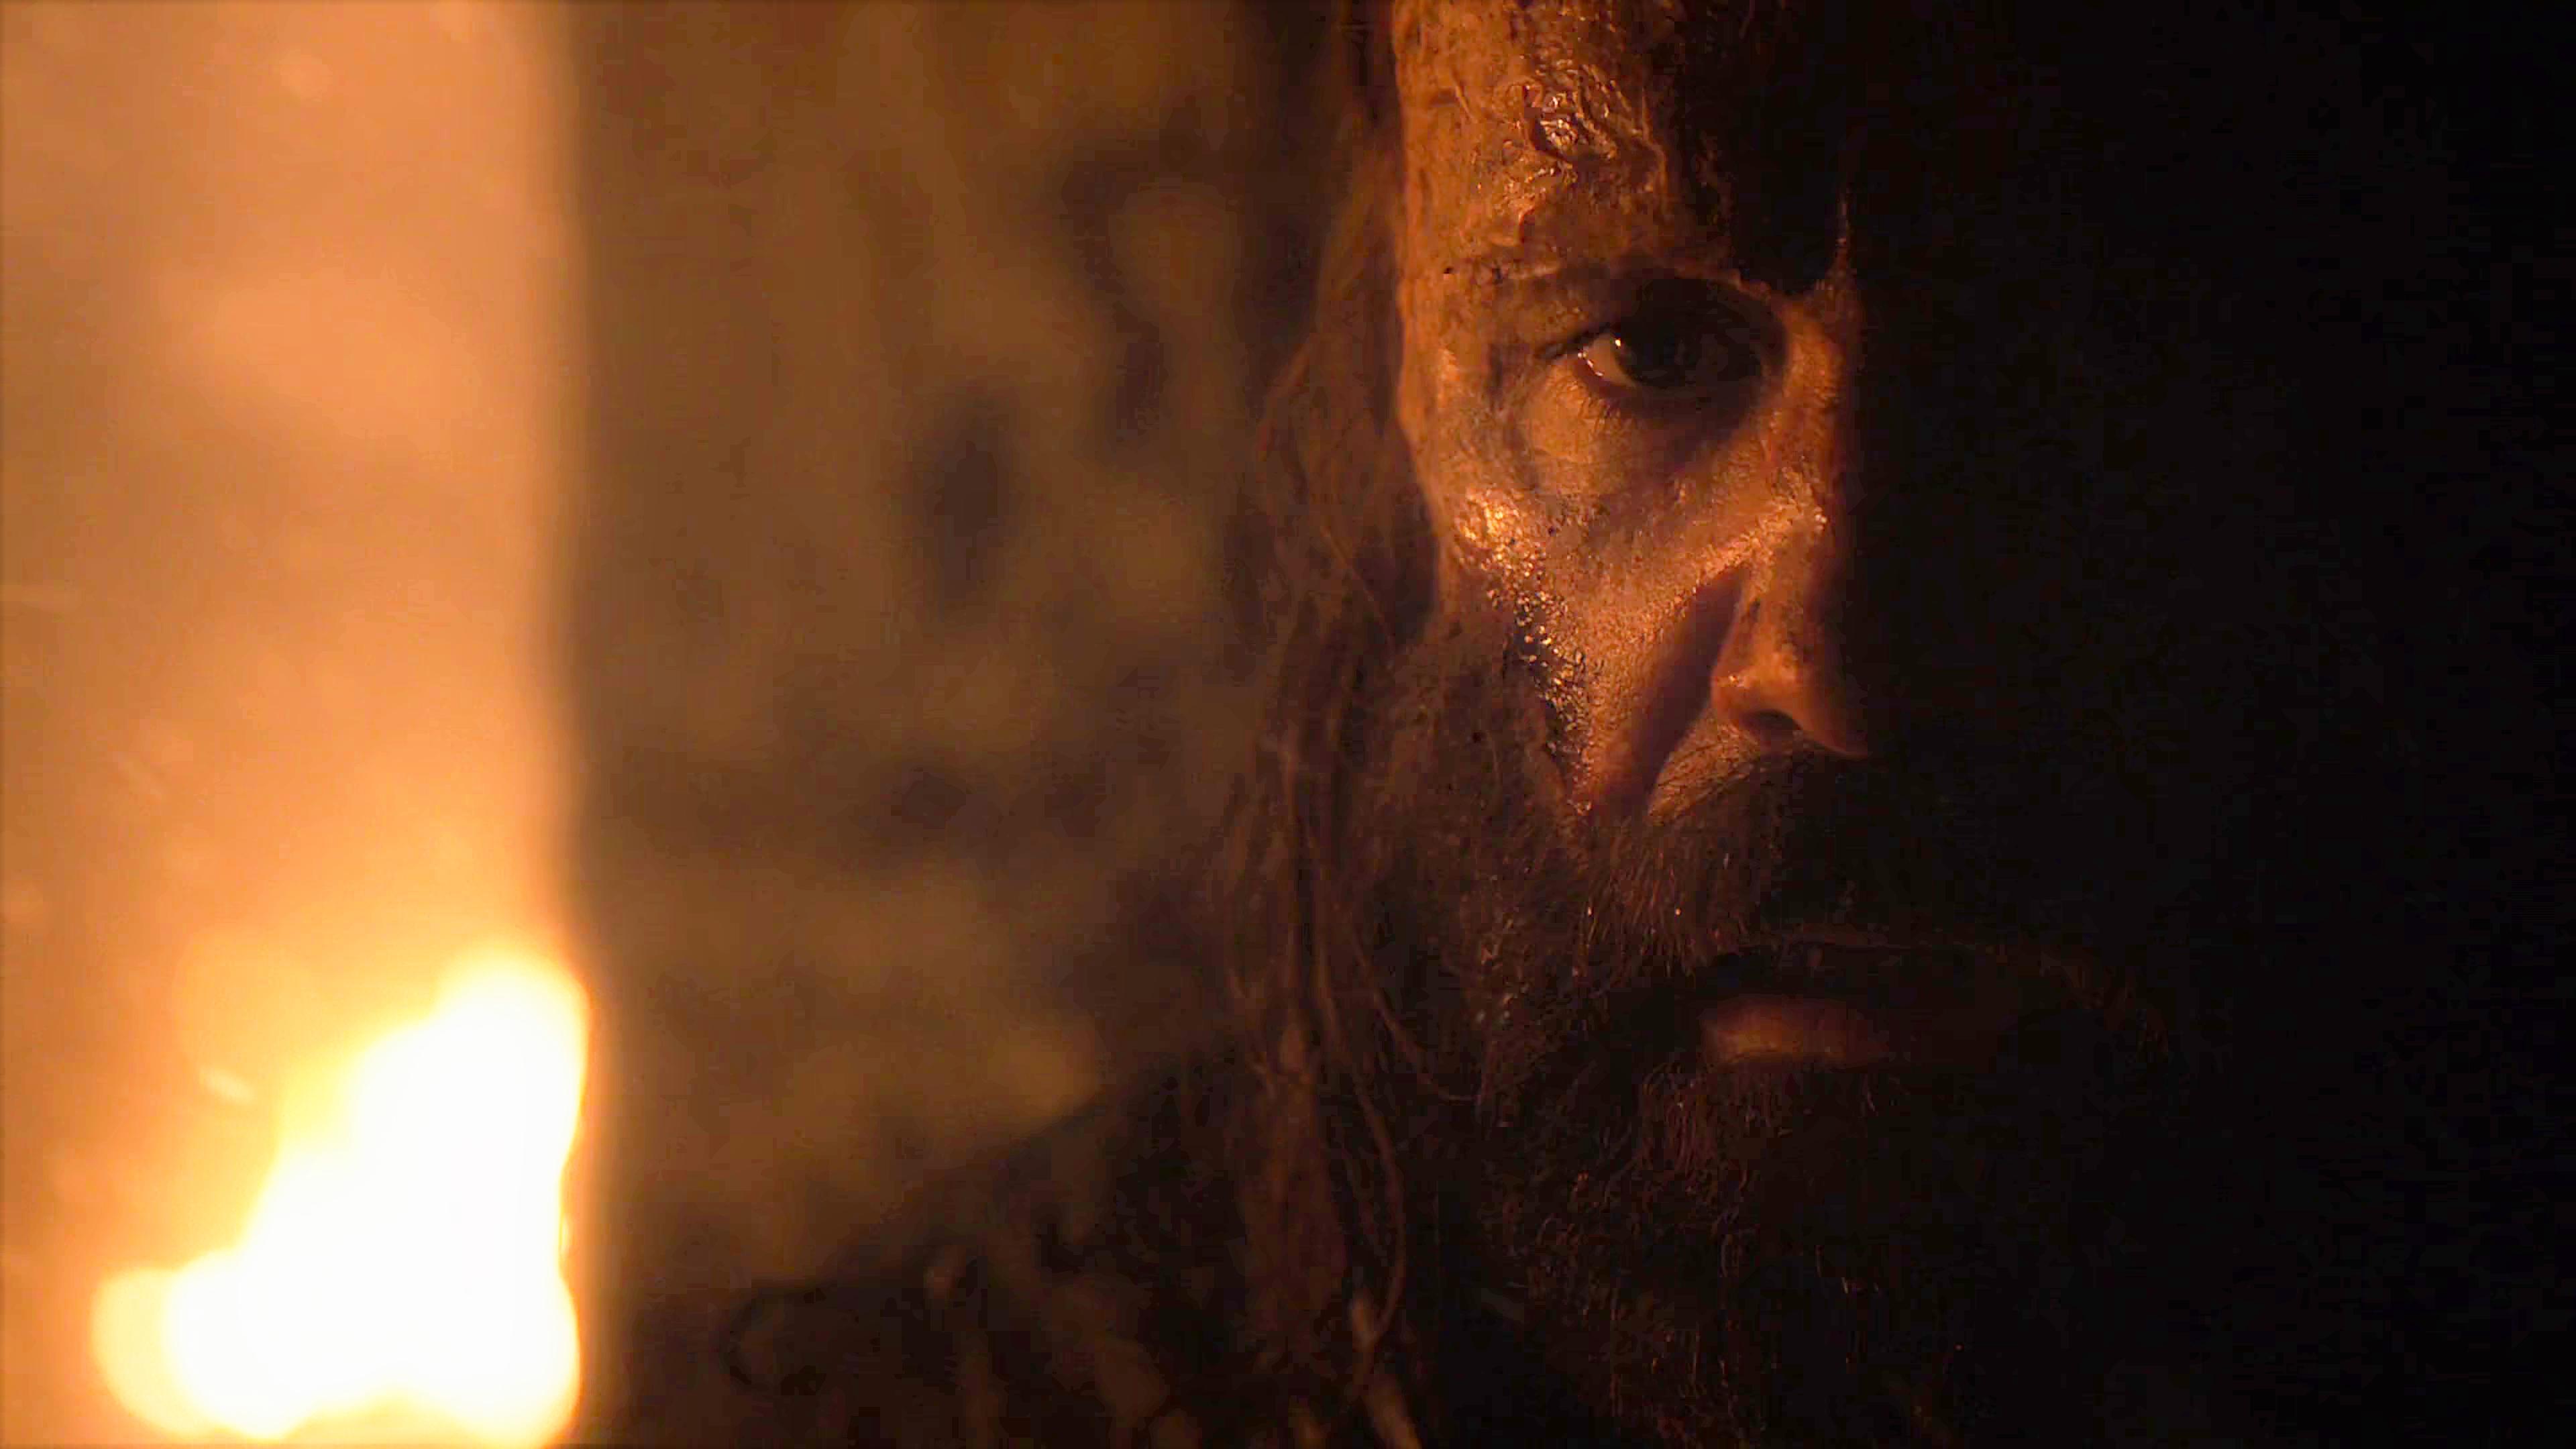 32. Season 8 Trailer Sandor Clegane Hound Fire